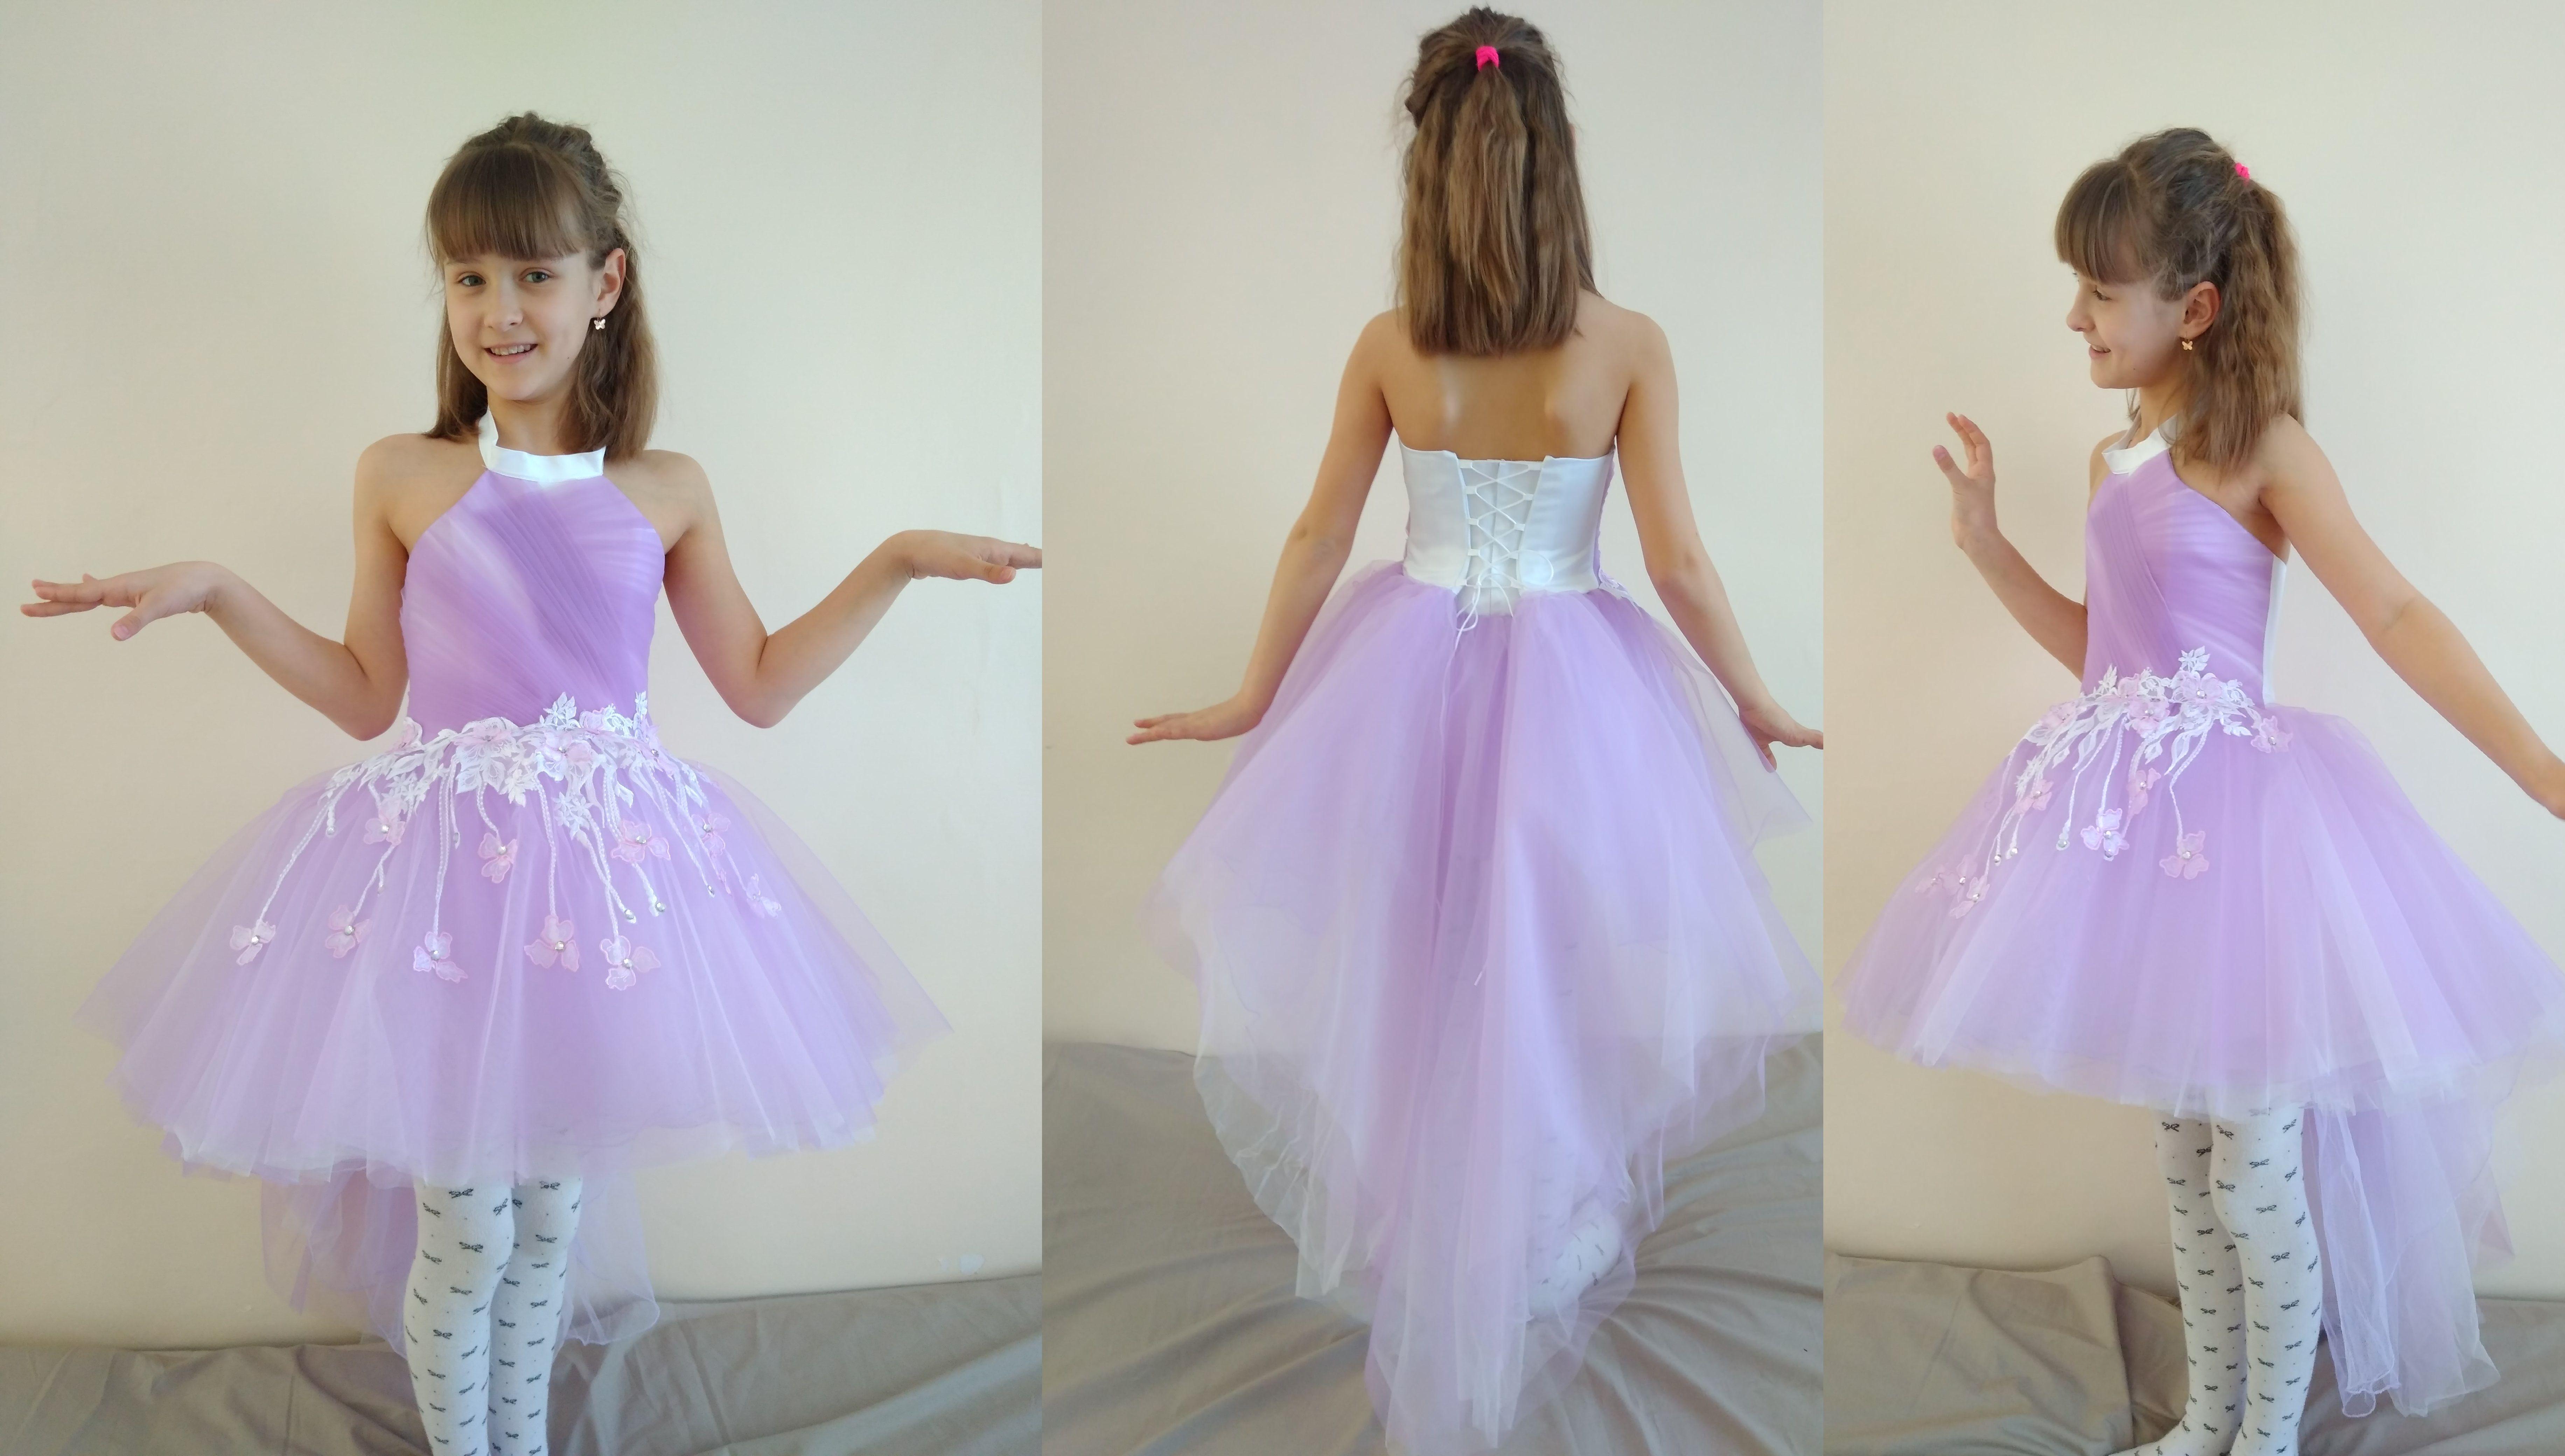 e0d34f240a5 Шикарные детские нарядные платья под заказ. Выпускные платья для школы и  садика. Украина